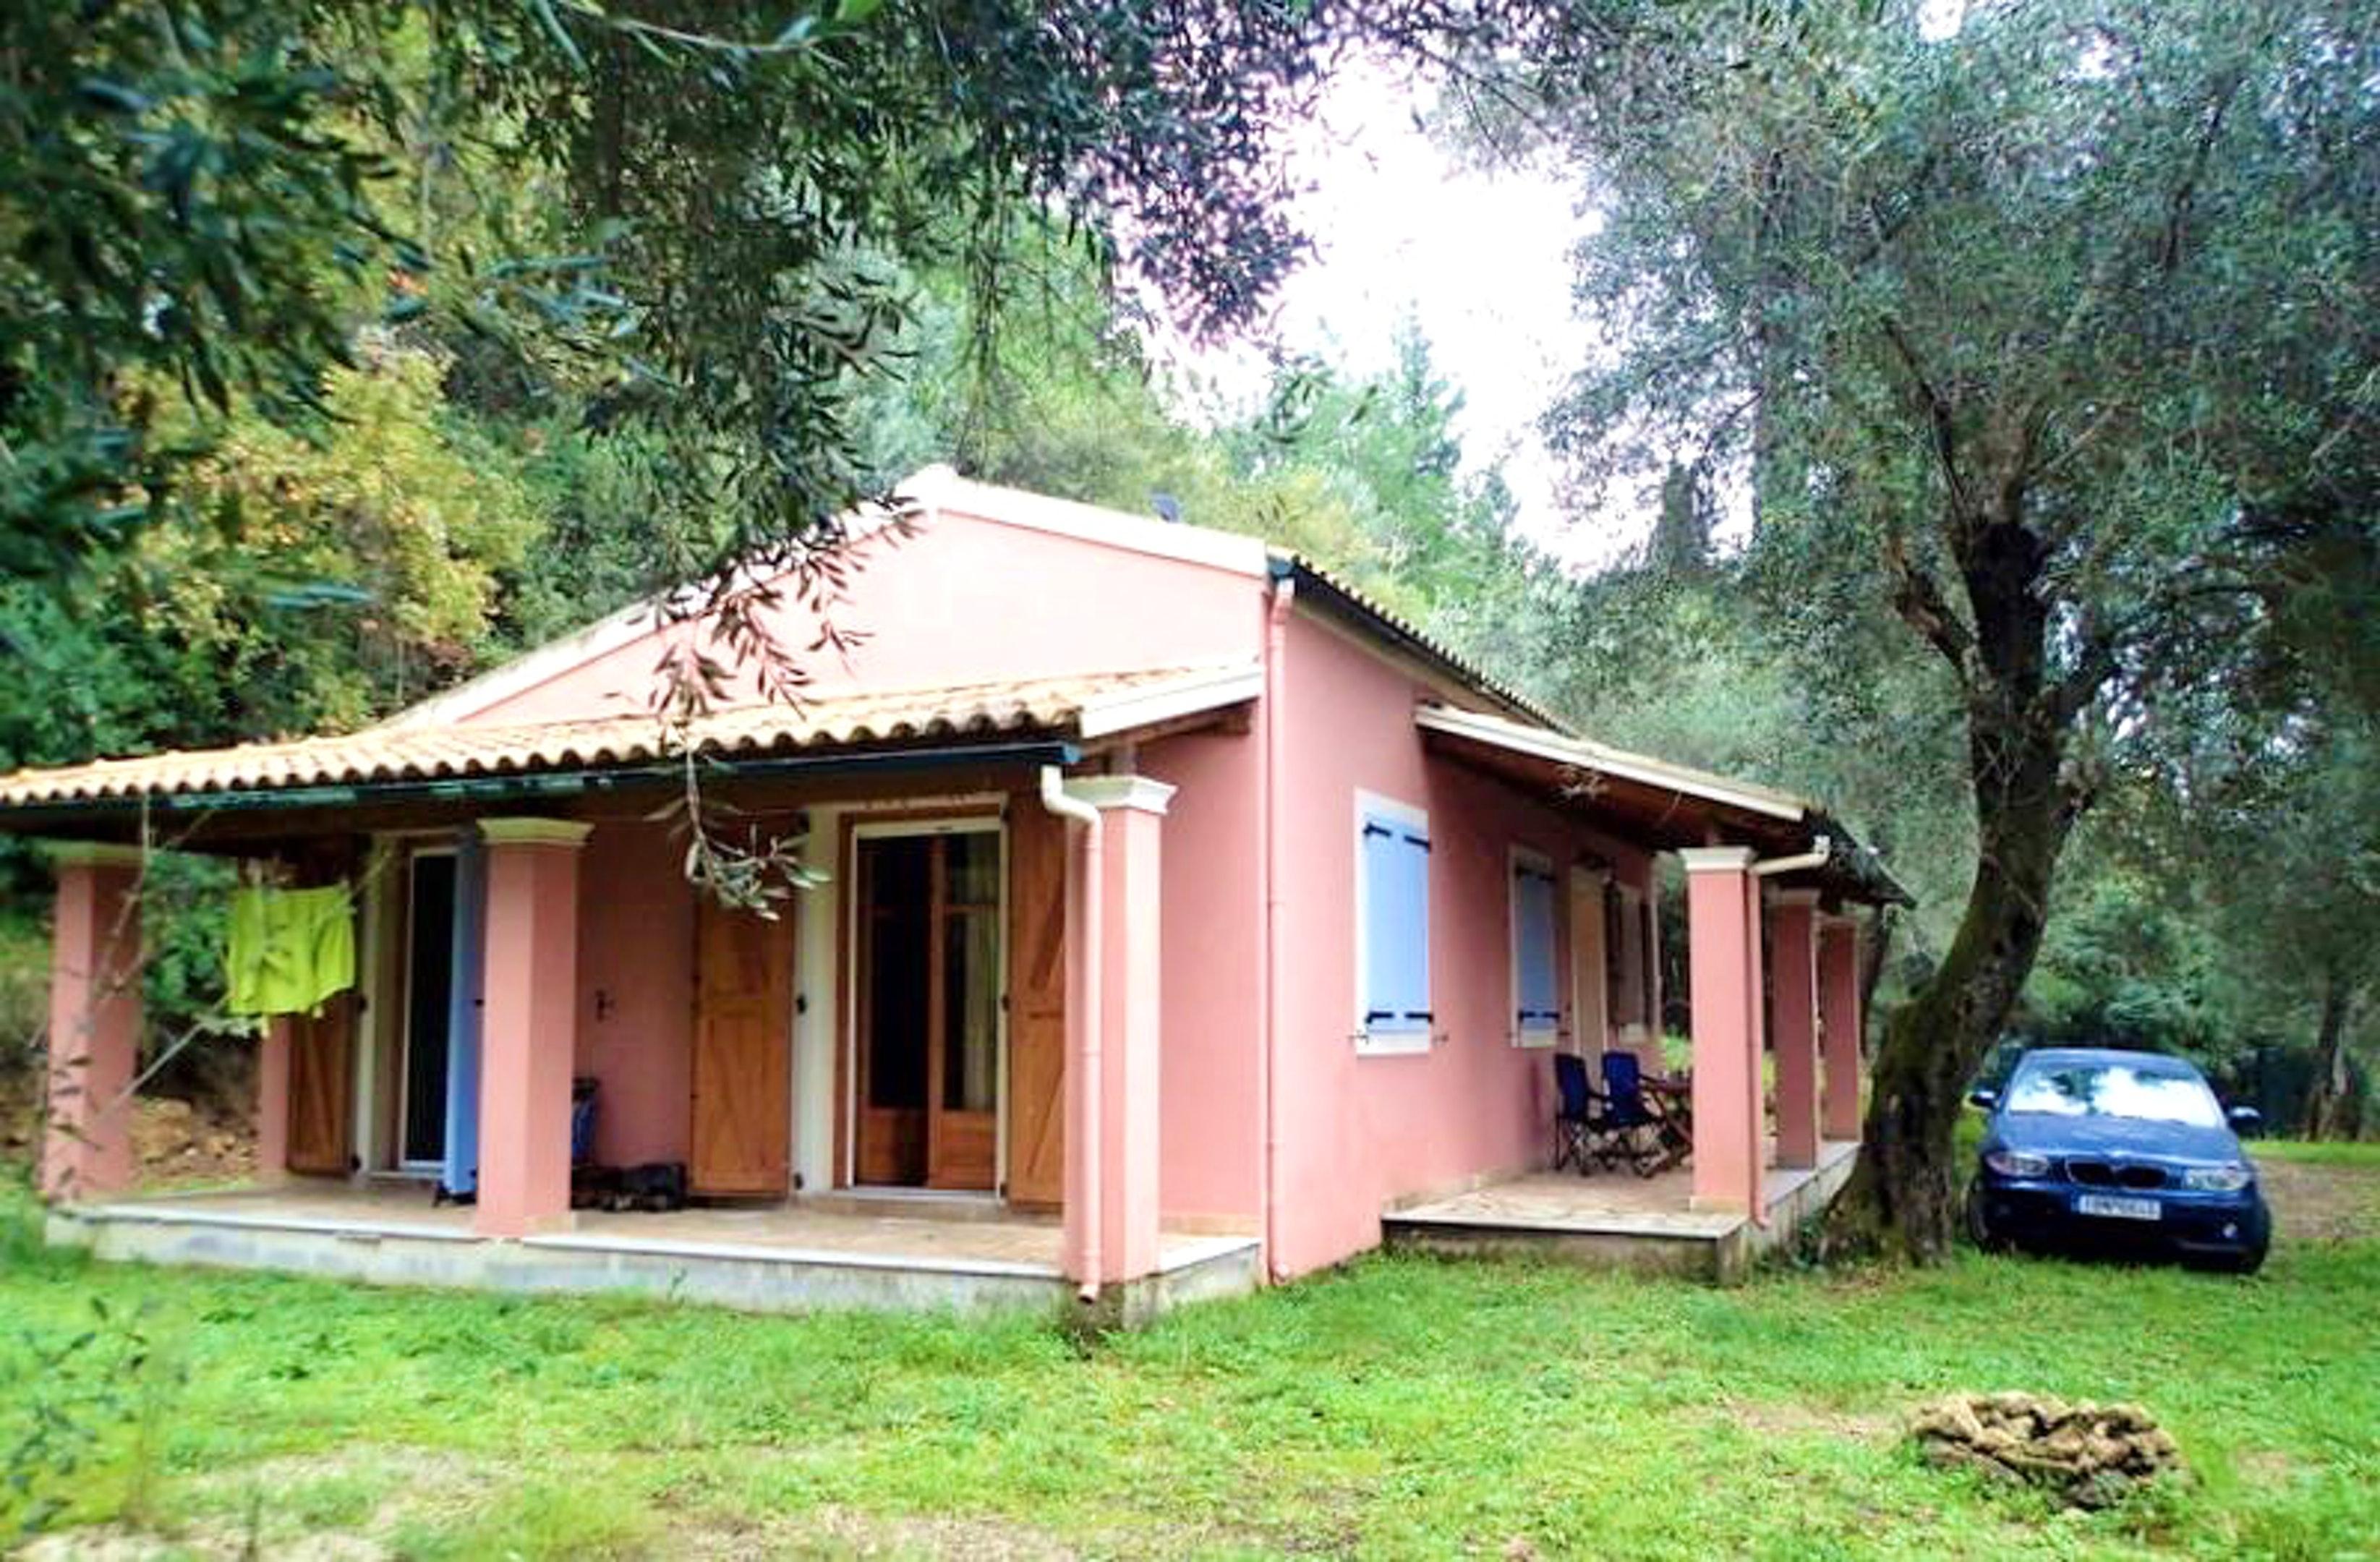 Maison de vacances Haus mit 2 Schlafzimmern in Corfou mit toller Aussicht auf die Berge (2202447), Moraitika, Corfou, Iles Ioniennes, Grèce, image 17